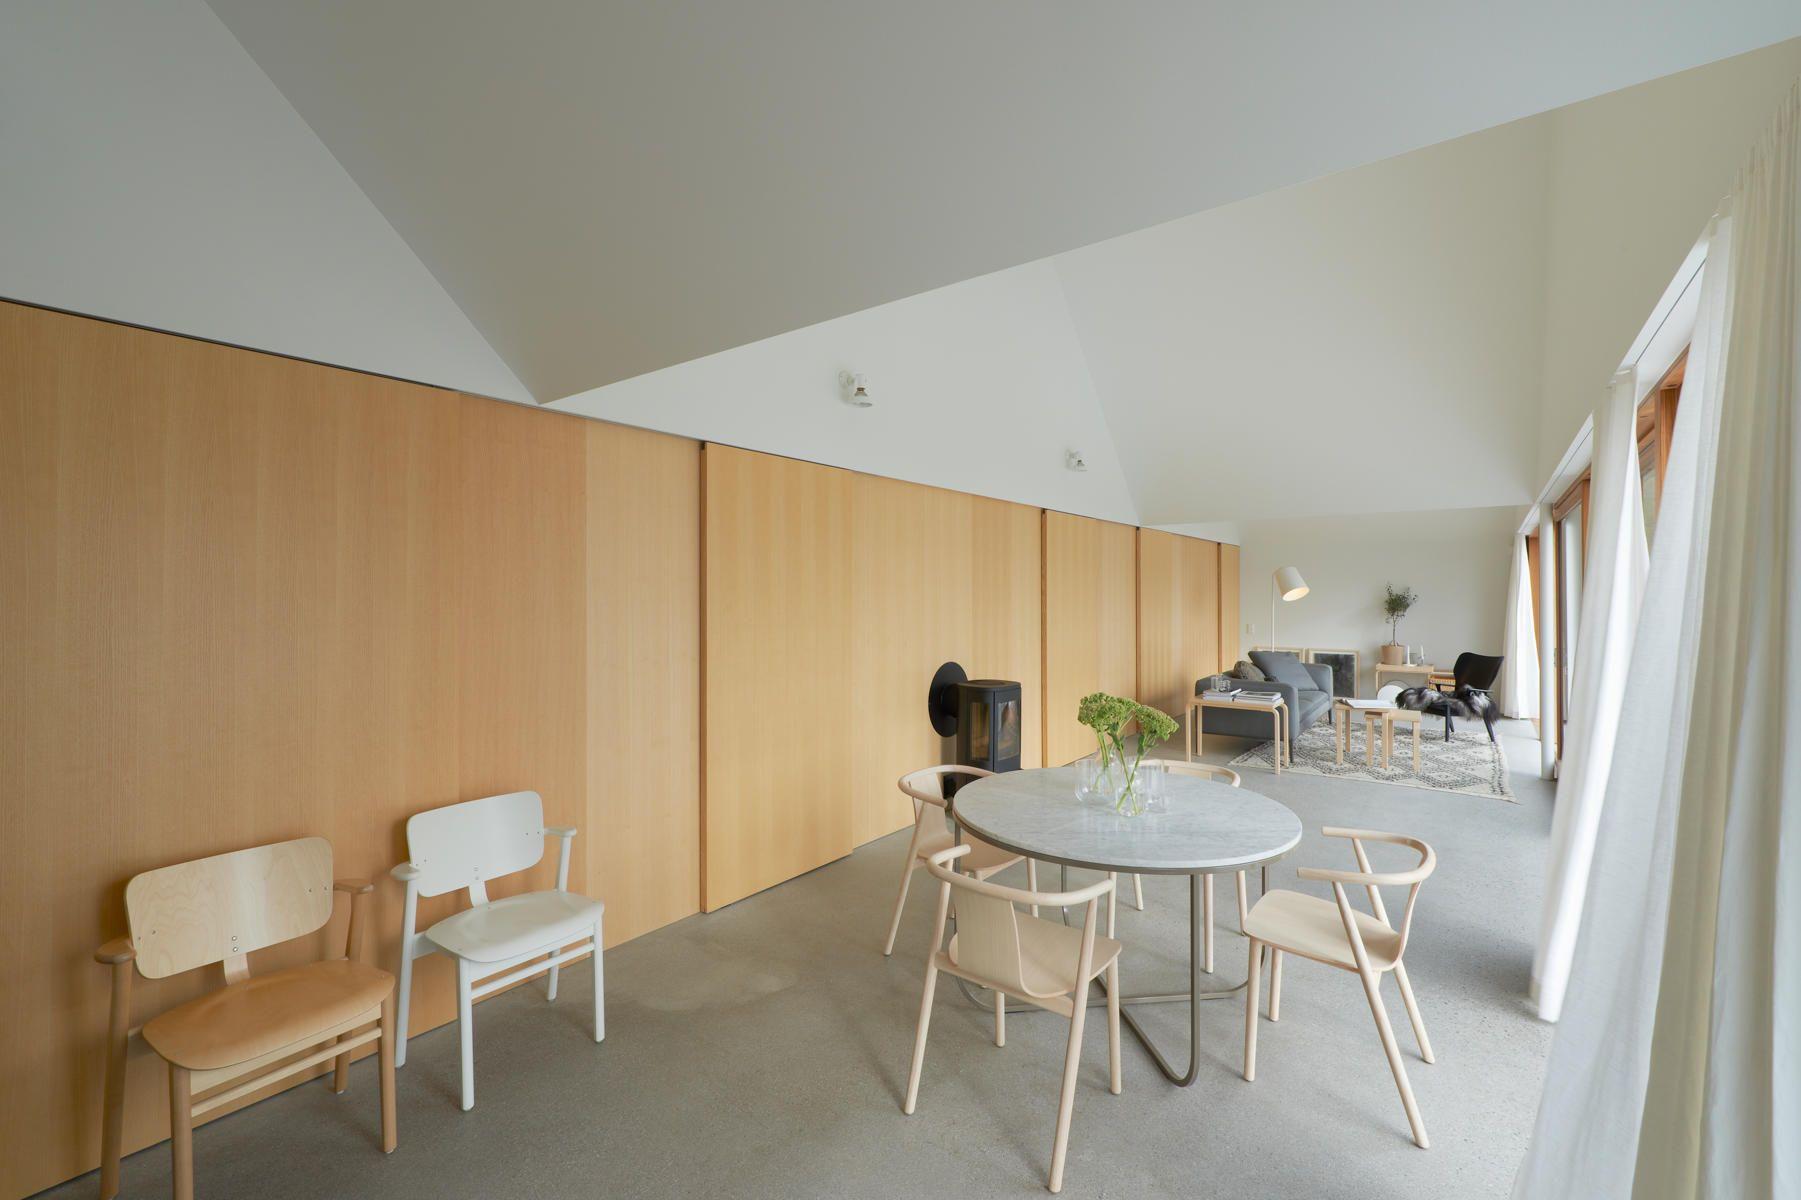 Esszimmer design bd projectslagnohousestockholmarchipelagog